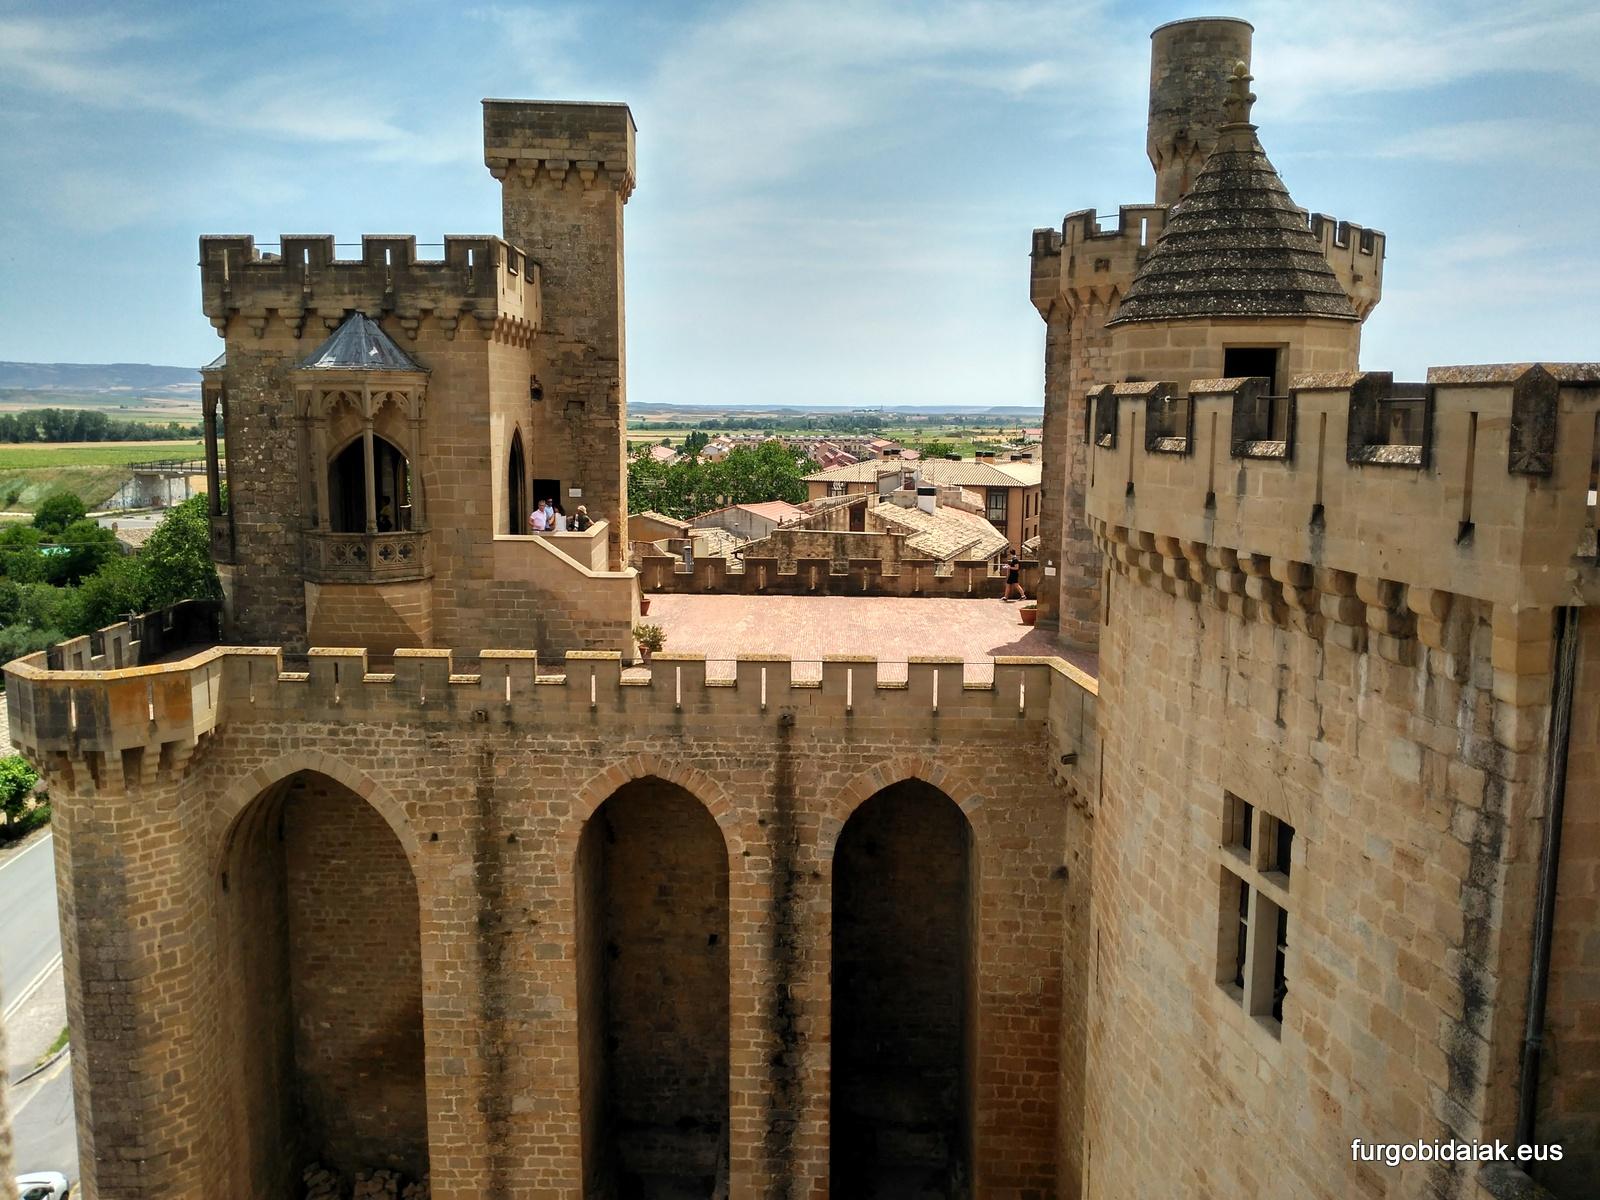 Palacio de Olite, Torre de Los Cuatro Vientos.